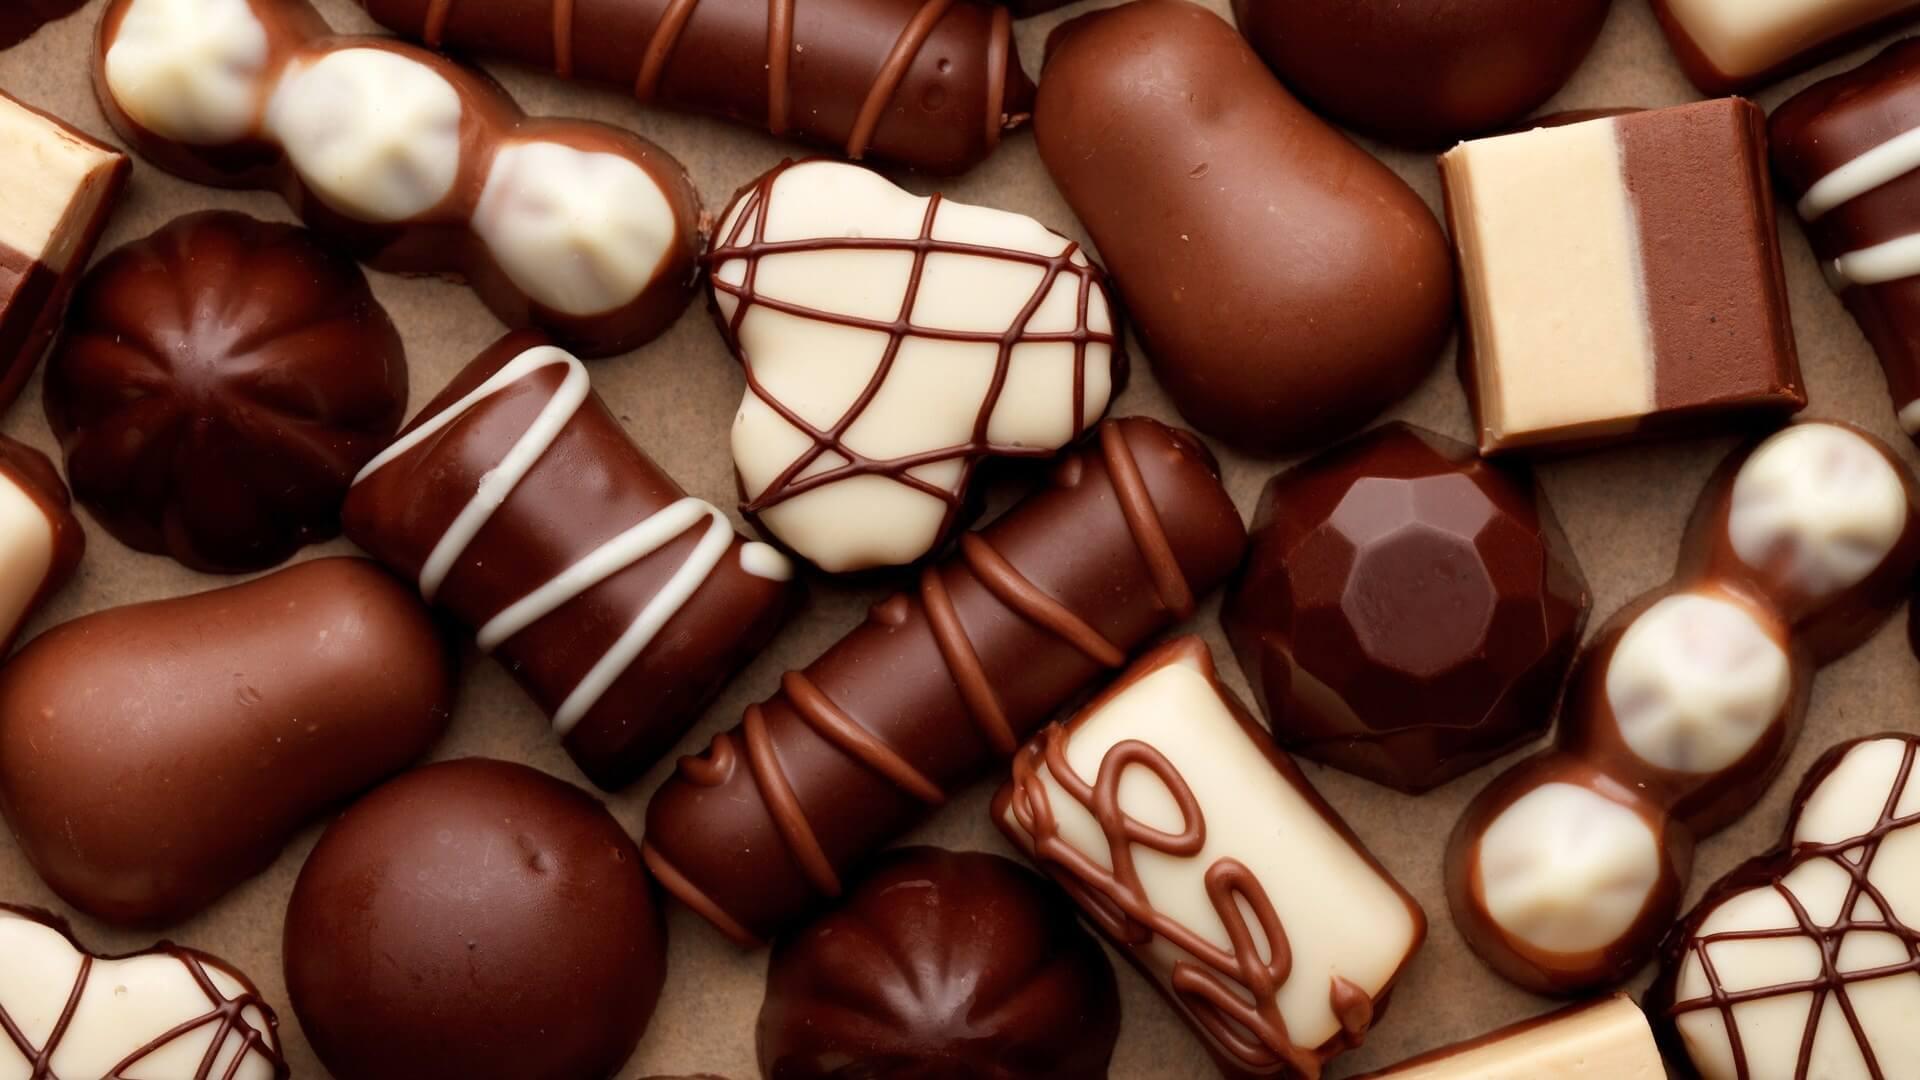 El chocolate por sí solo no ayuda a mejorar nuestro libido. Sin embargo, hace que nuestro organismo libere serotonina y endorfinas.